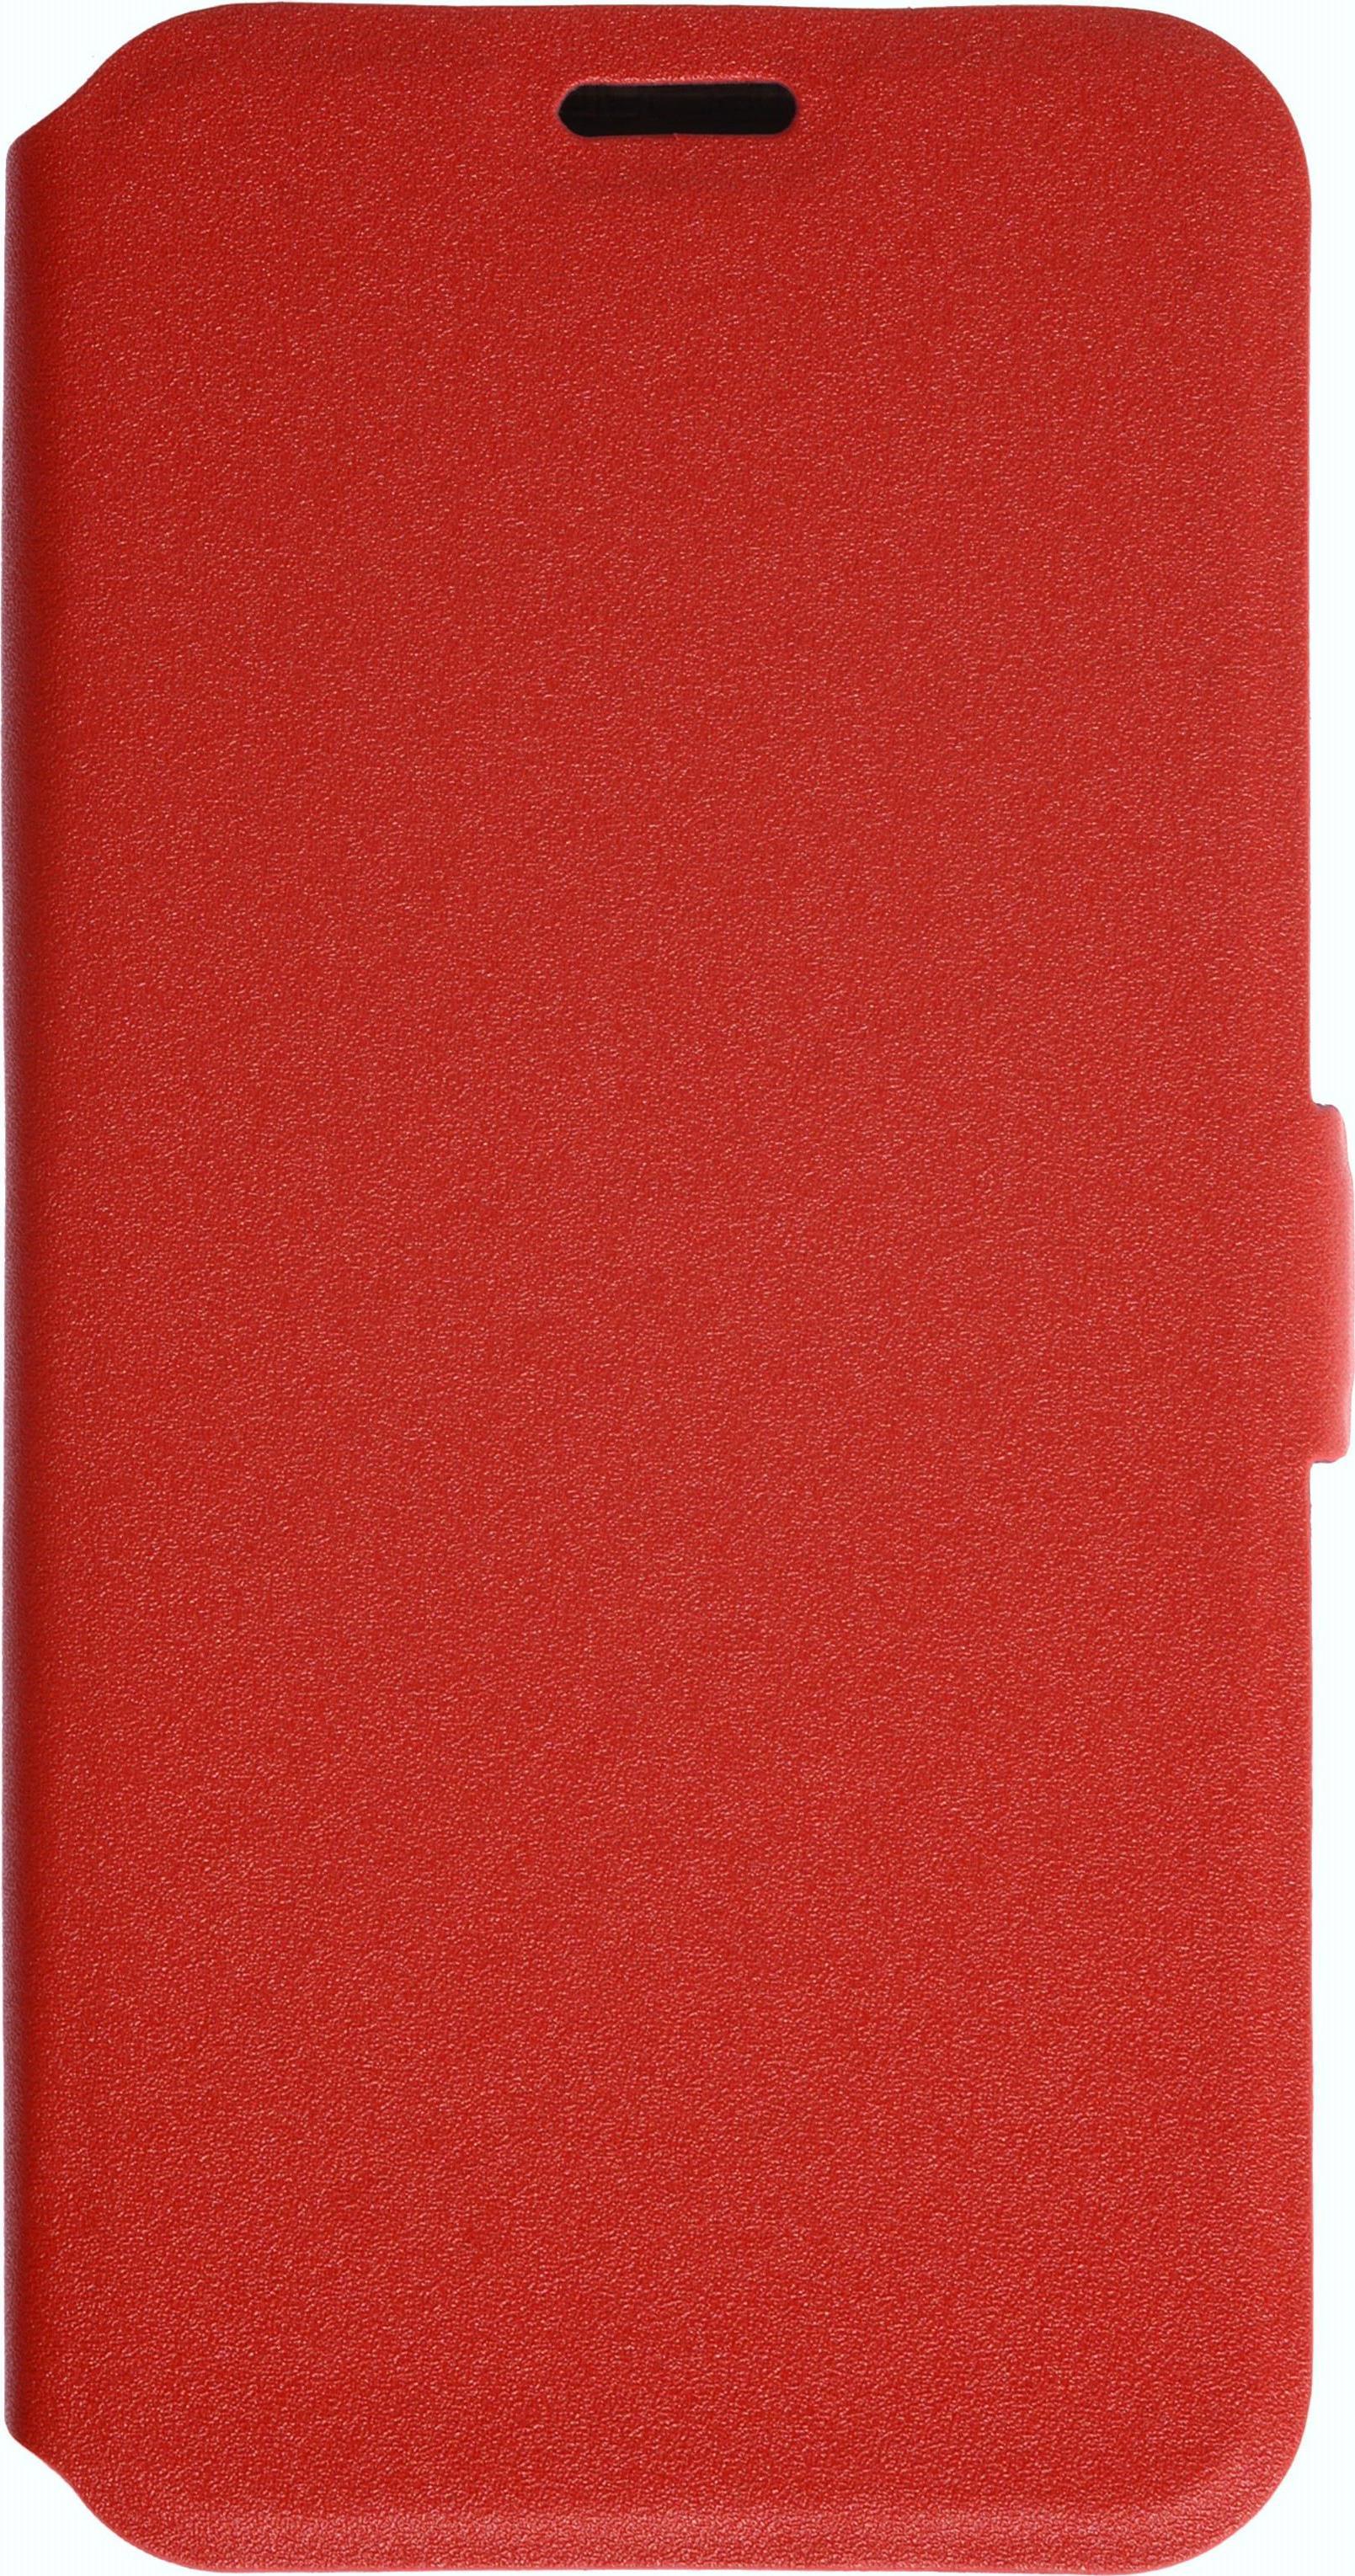 Чехол для сотового телефона PRIME Book, 4660041409215, красный prime book чехол книжка для meizu m5c red